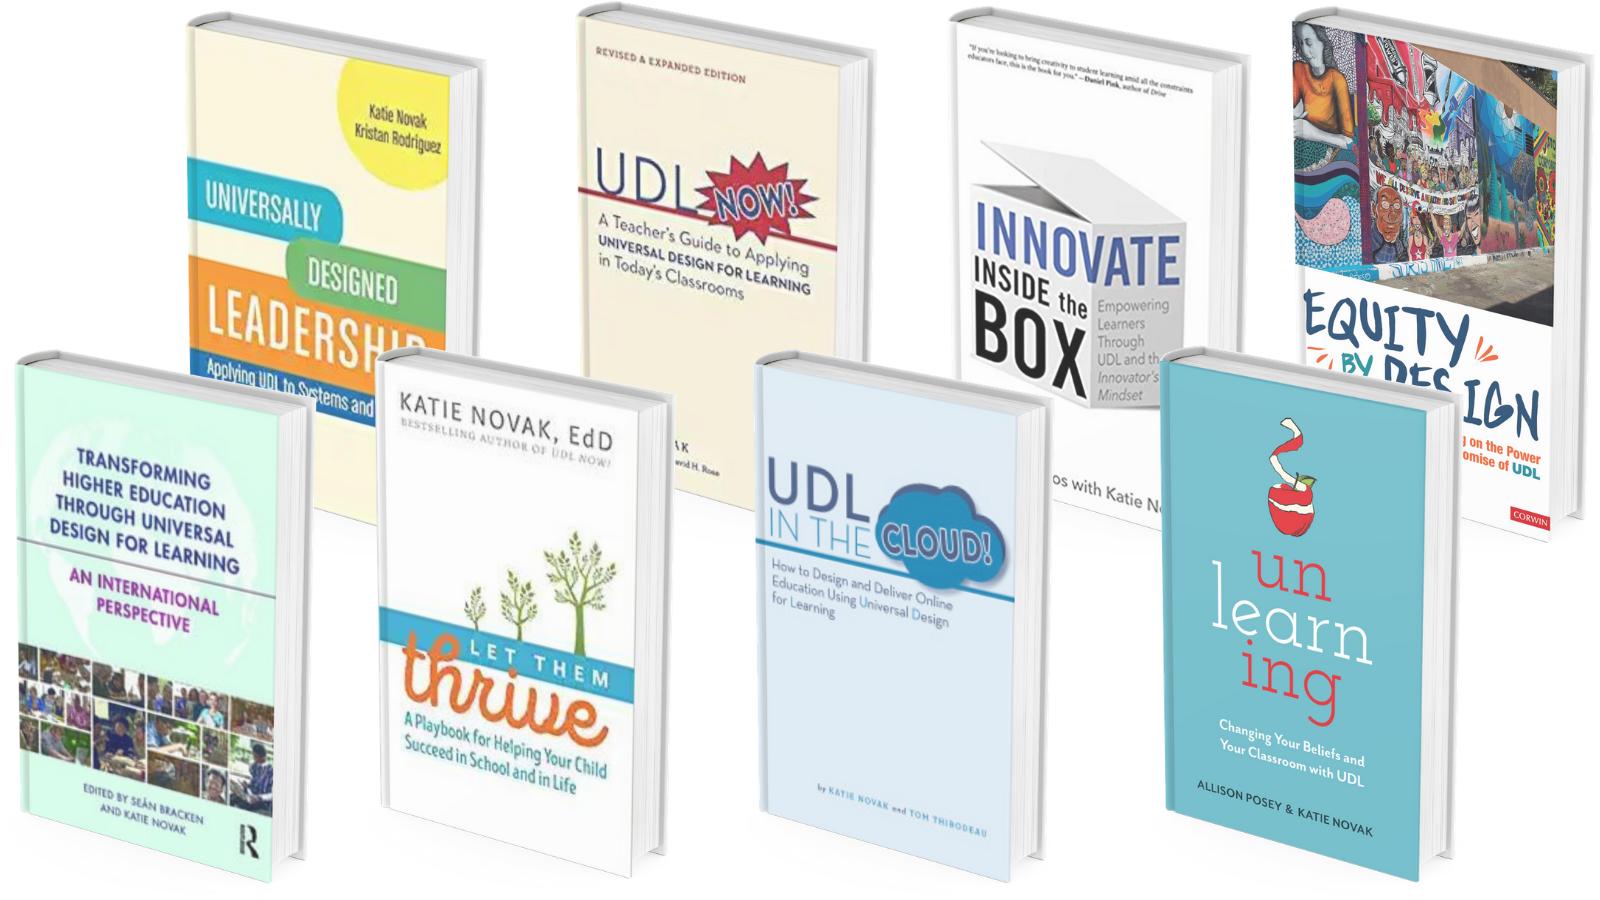 Katie Novak book covers